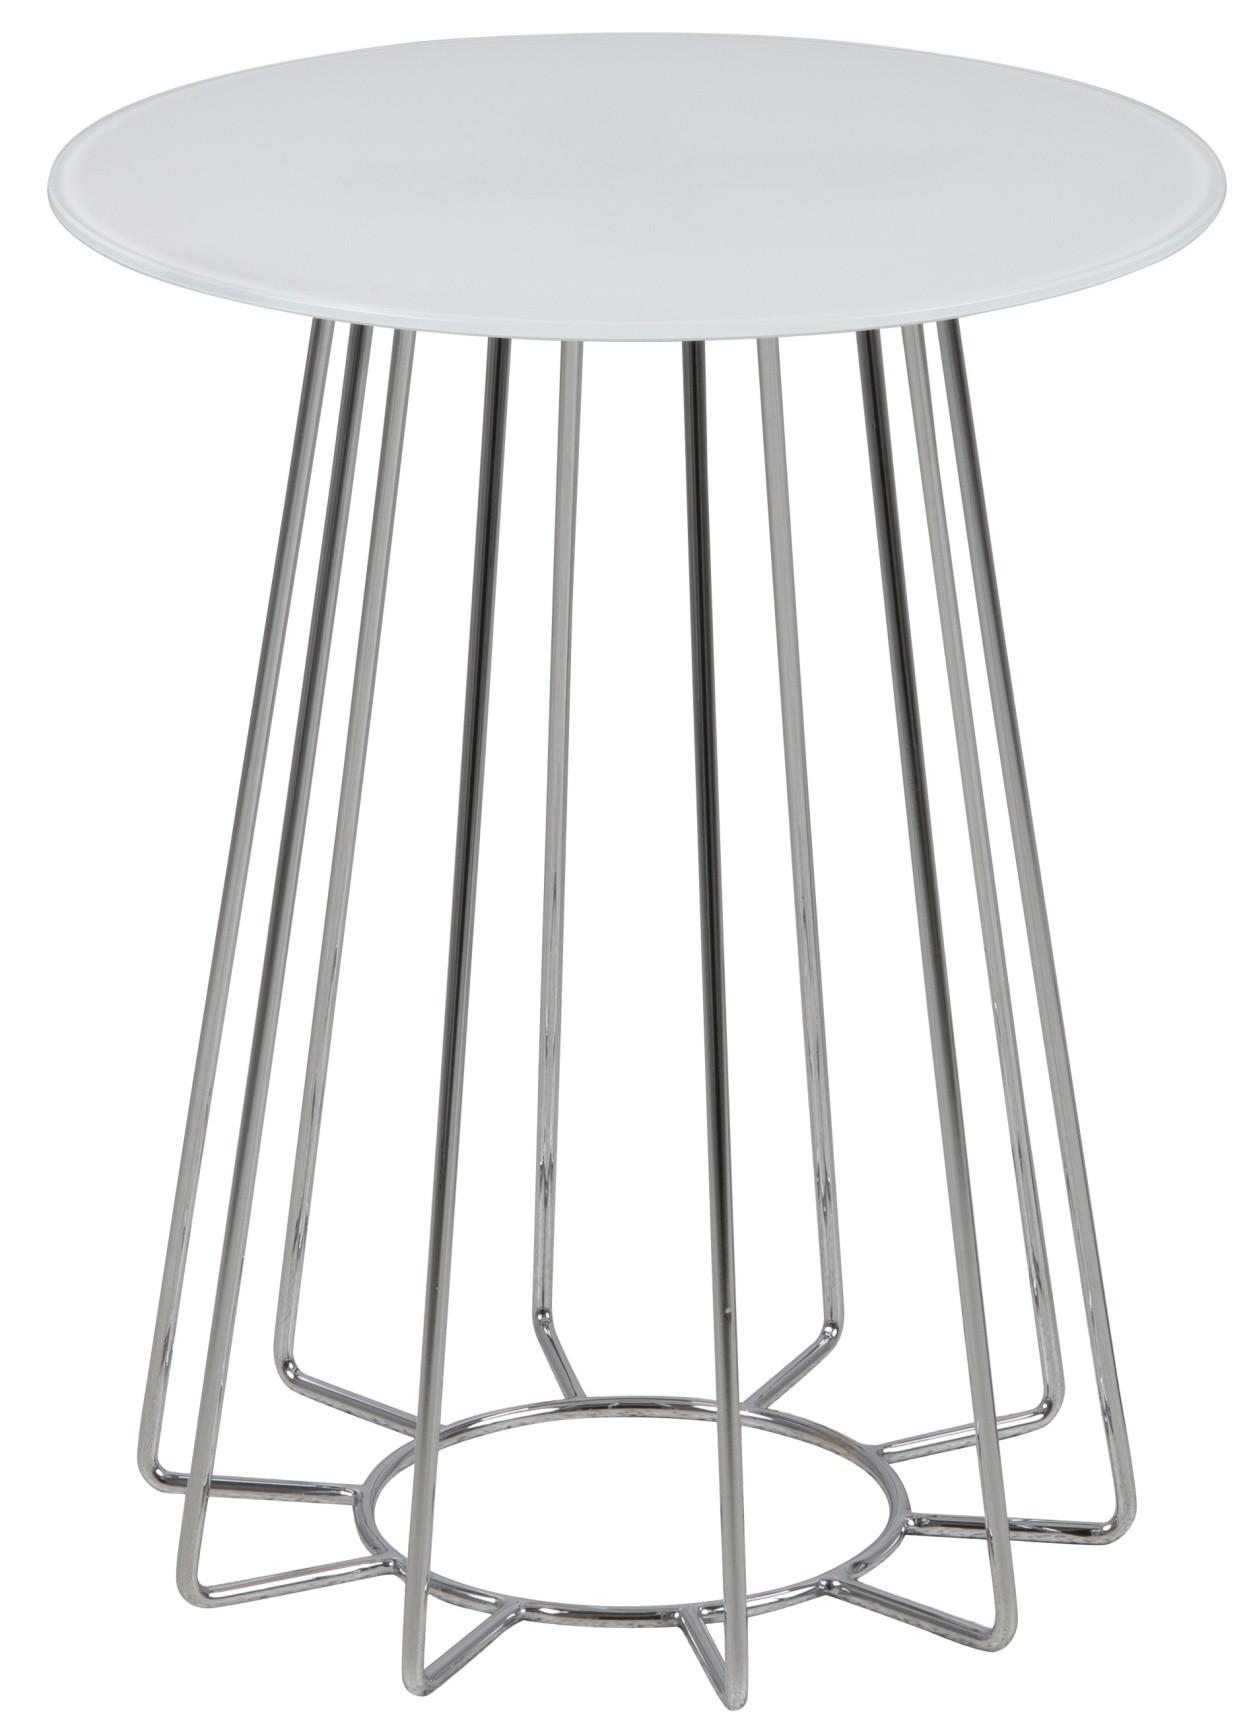 Zuiver Ronde Eettafel.Goedkope Ronde Witte Eettafel Kopen In Awesome Fotous Van Design